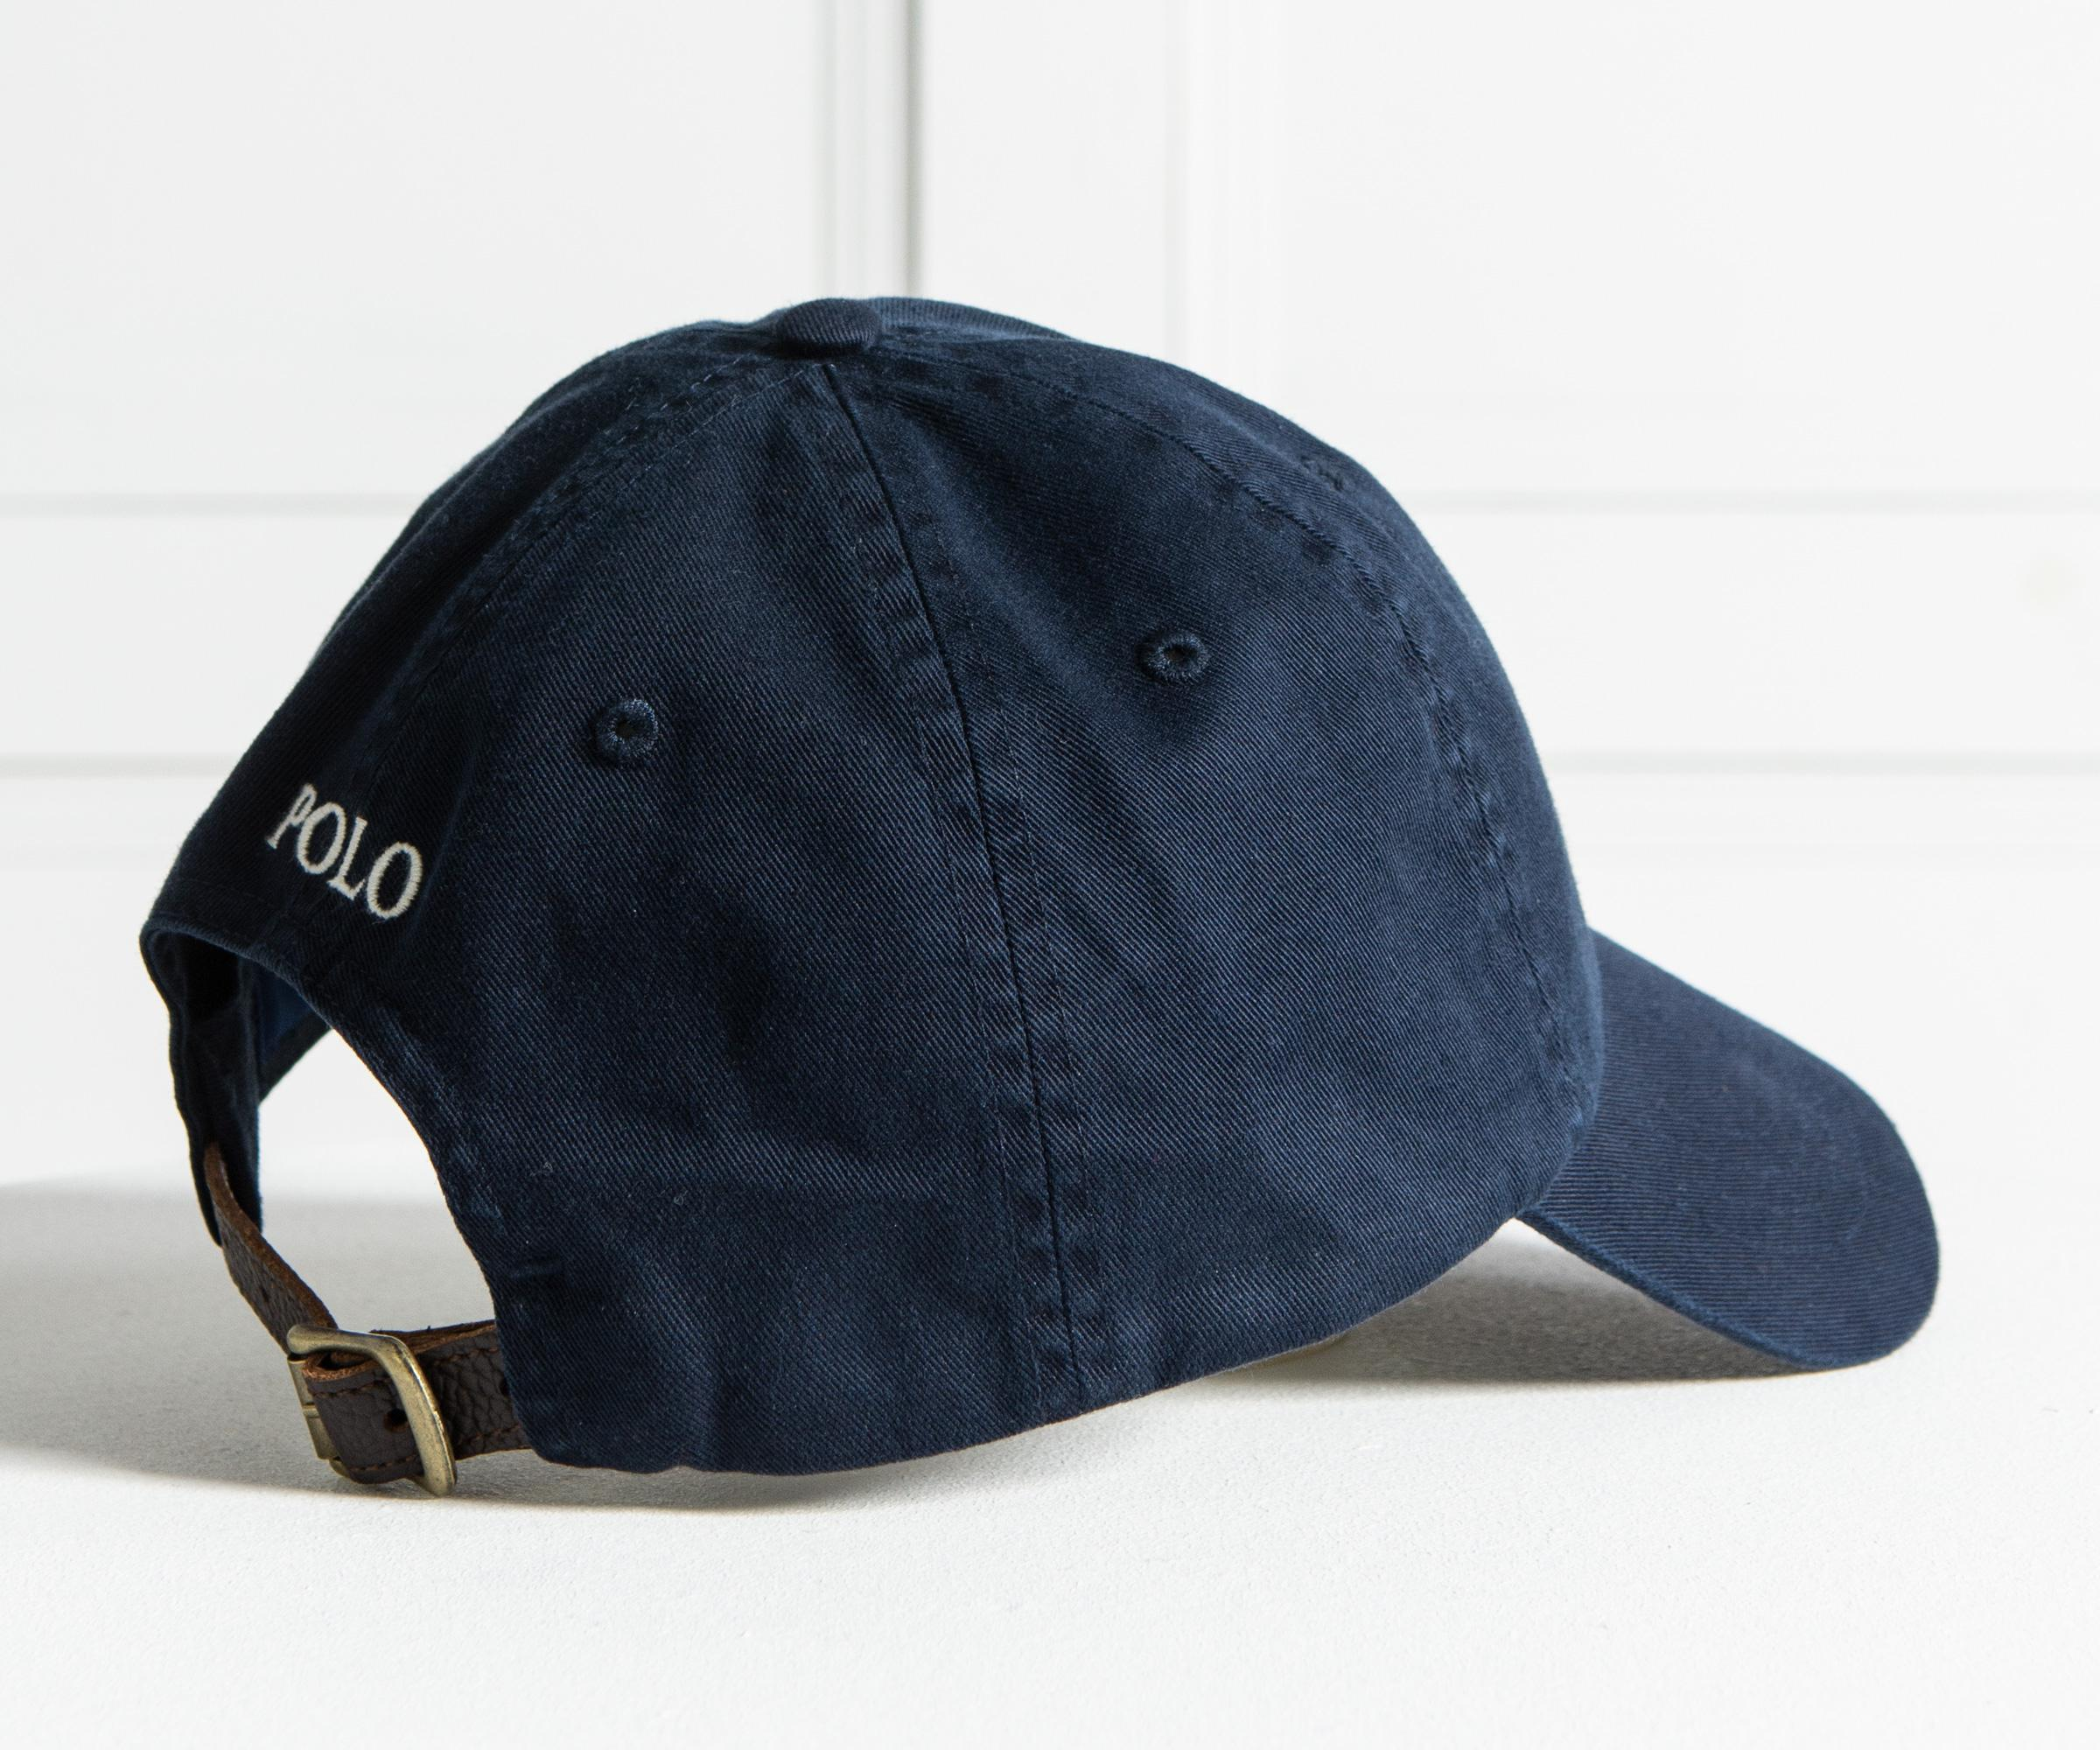 Lyst - Polo Ralph Lauren  polo Bear  Cap Navy in Blue for Men 81d2d80df2ec